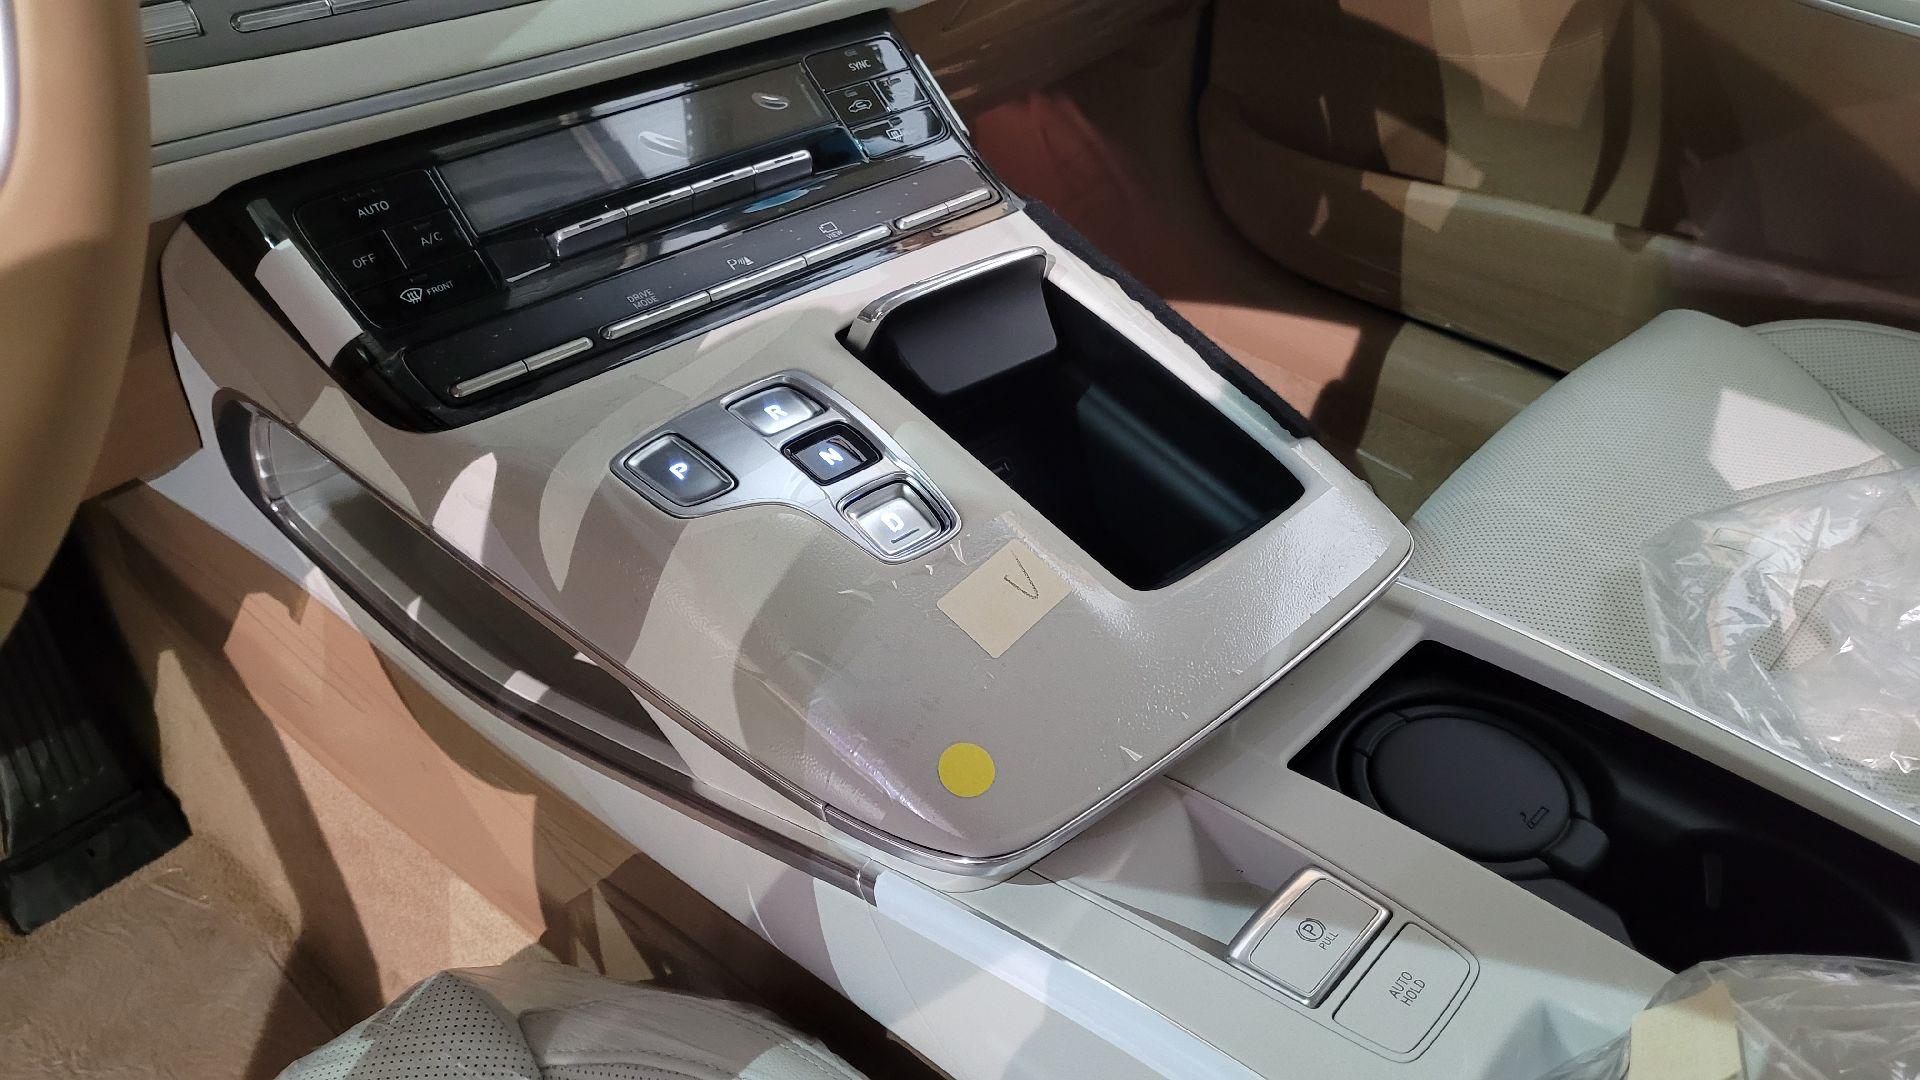 مباع - هونداي ازيرا Smart 2022 ستاندر سعودي للبيع في الرياض - السعودية - صورة كبيرة - 10